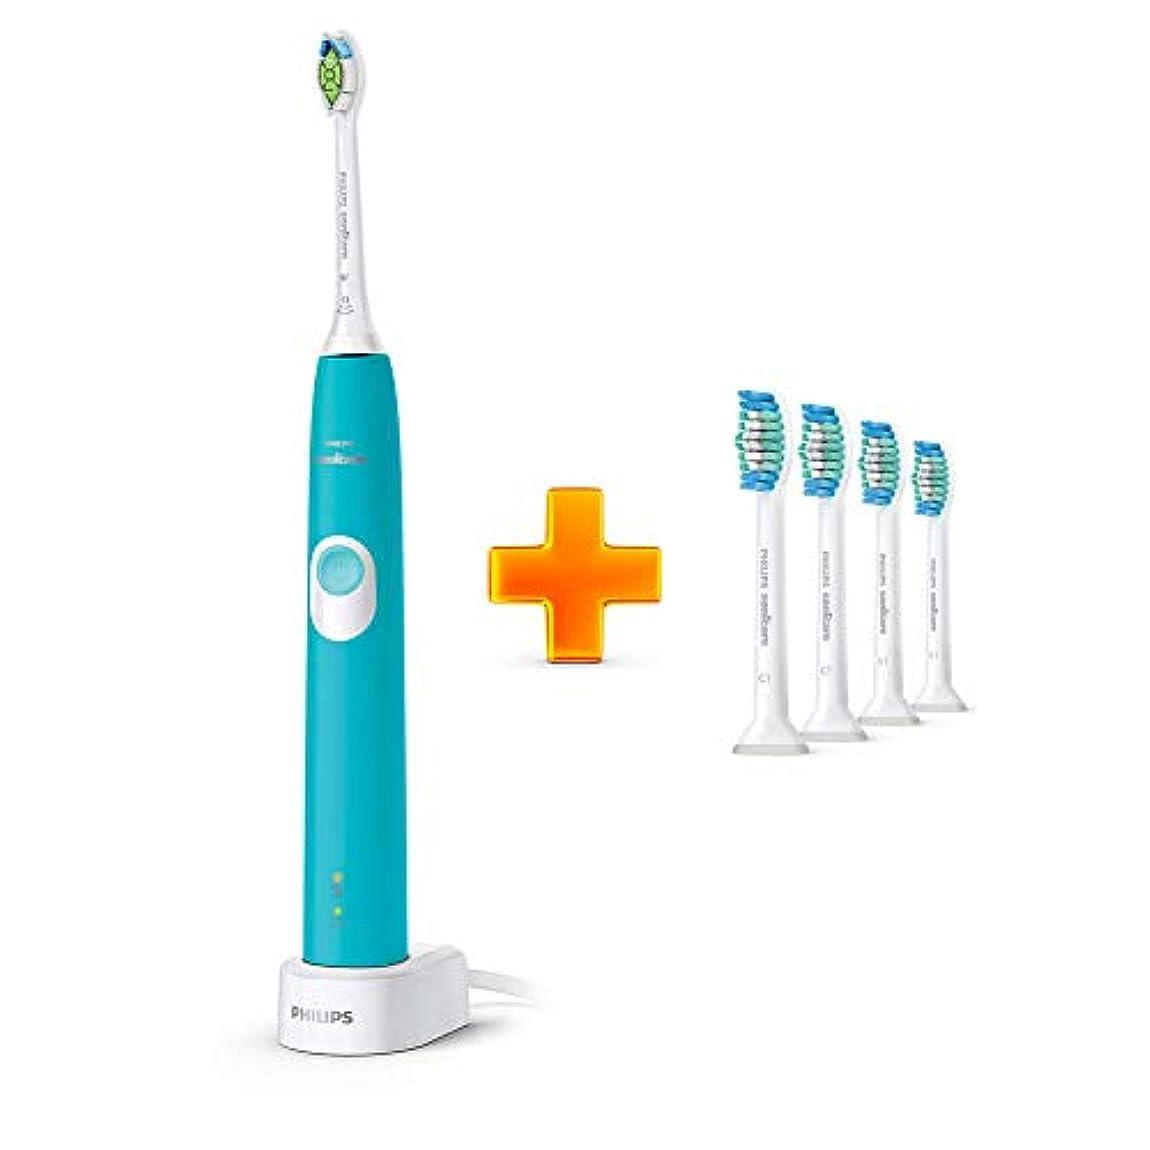 メイエラ匿名水分Philips Sonicare ProtectiveClean 4300 HX6802プラークコントロール、充電式電動歯ブラシTurkey Blue + PRORESULT歯ブラシHX6014 4 PCS [並行輸入品]